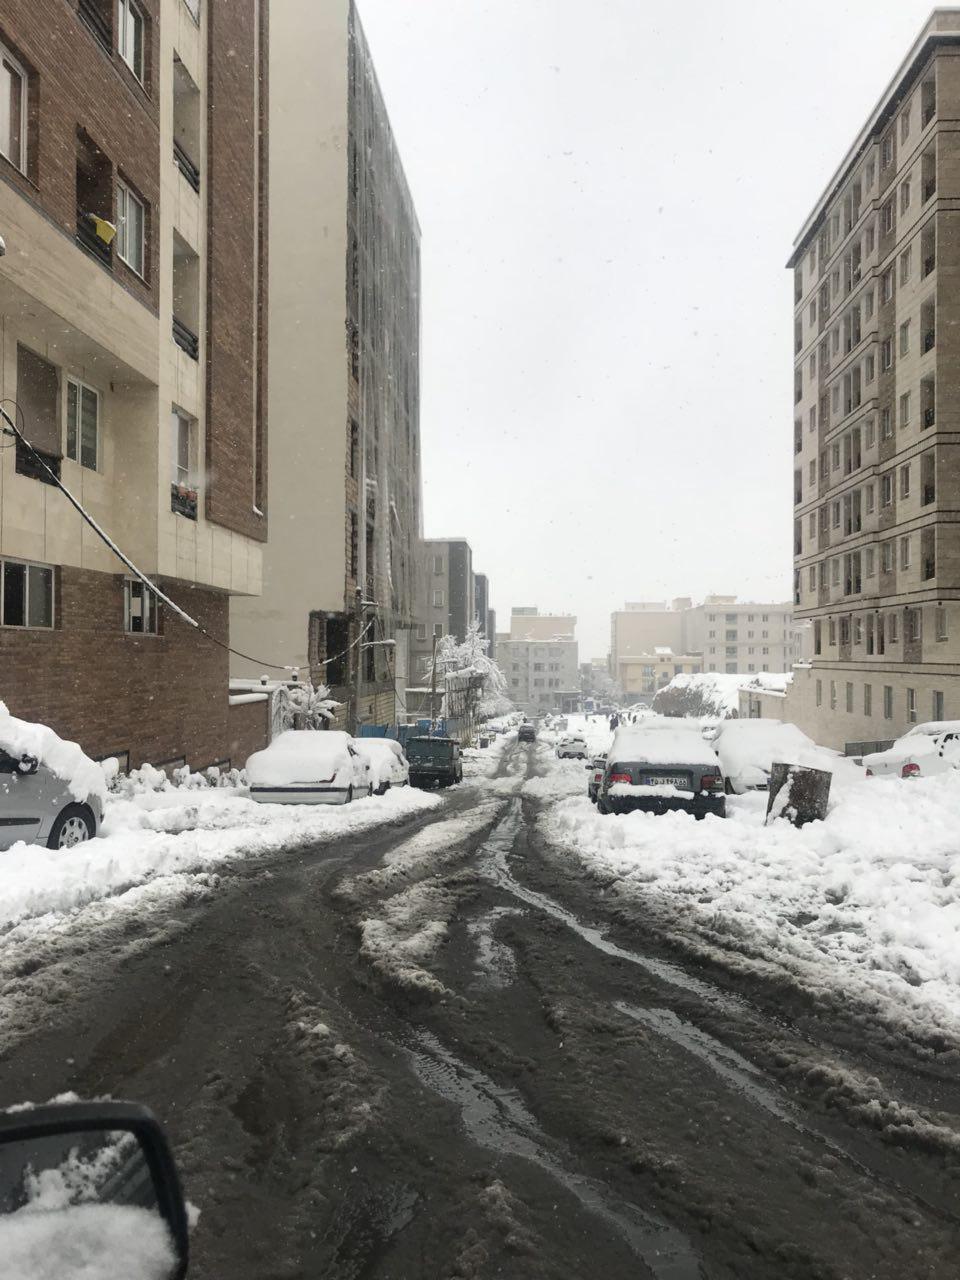 سقوط داربست در خیابان امام حسین/حادثه هیچ گونه تلفات جانی به دنبال نداشته است